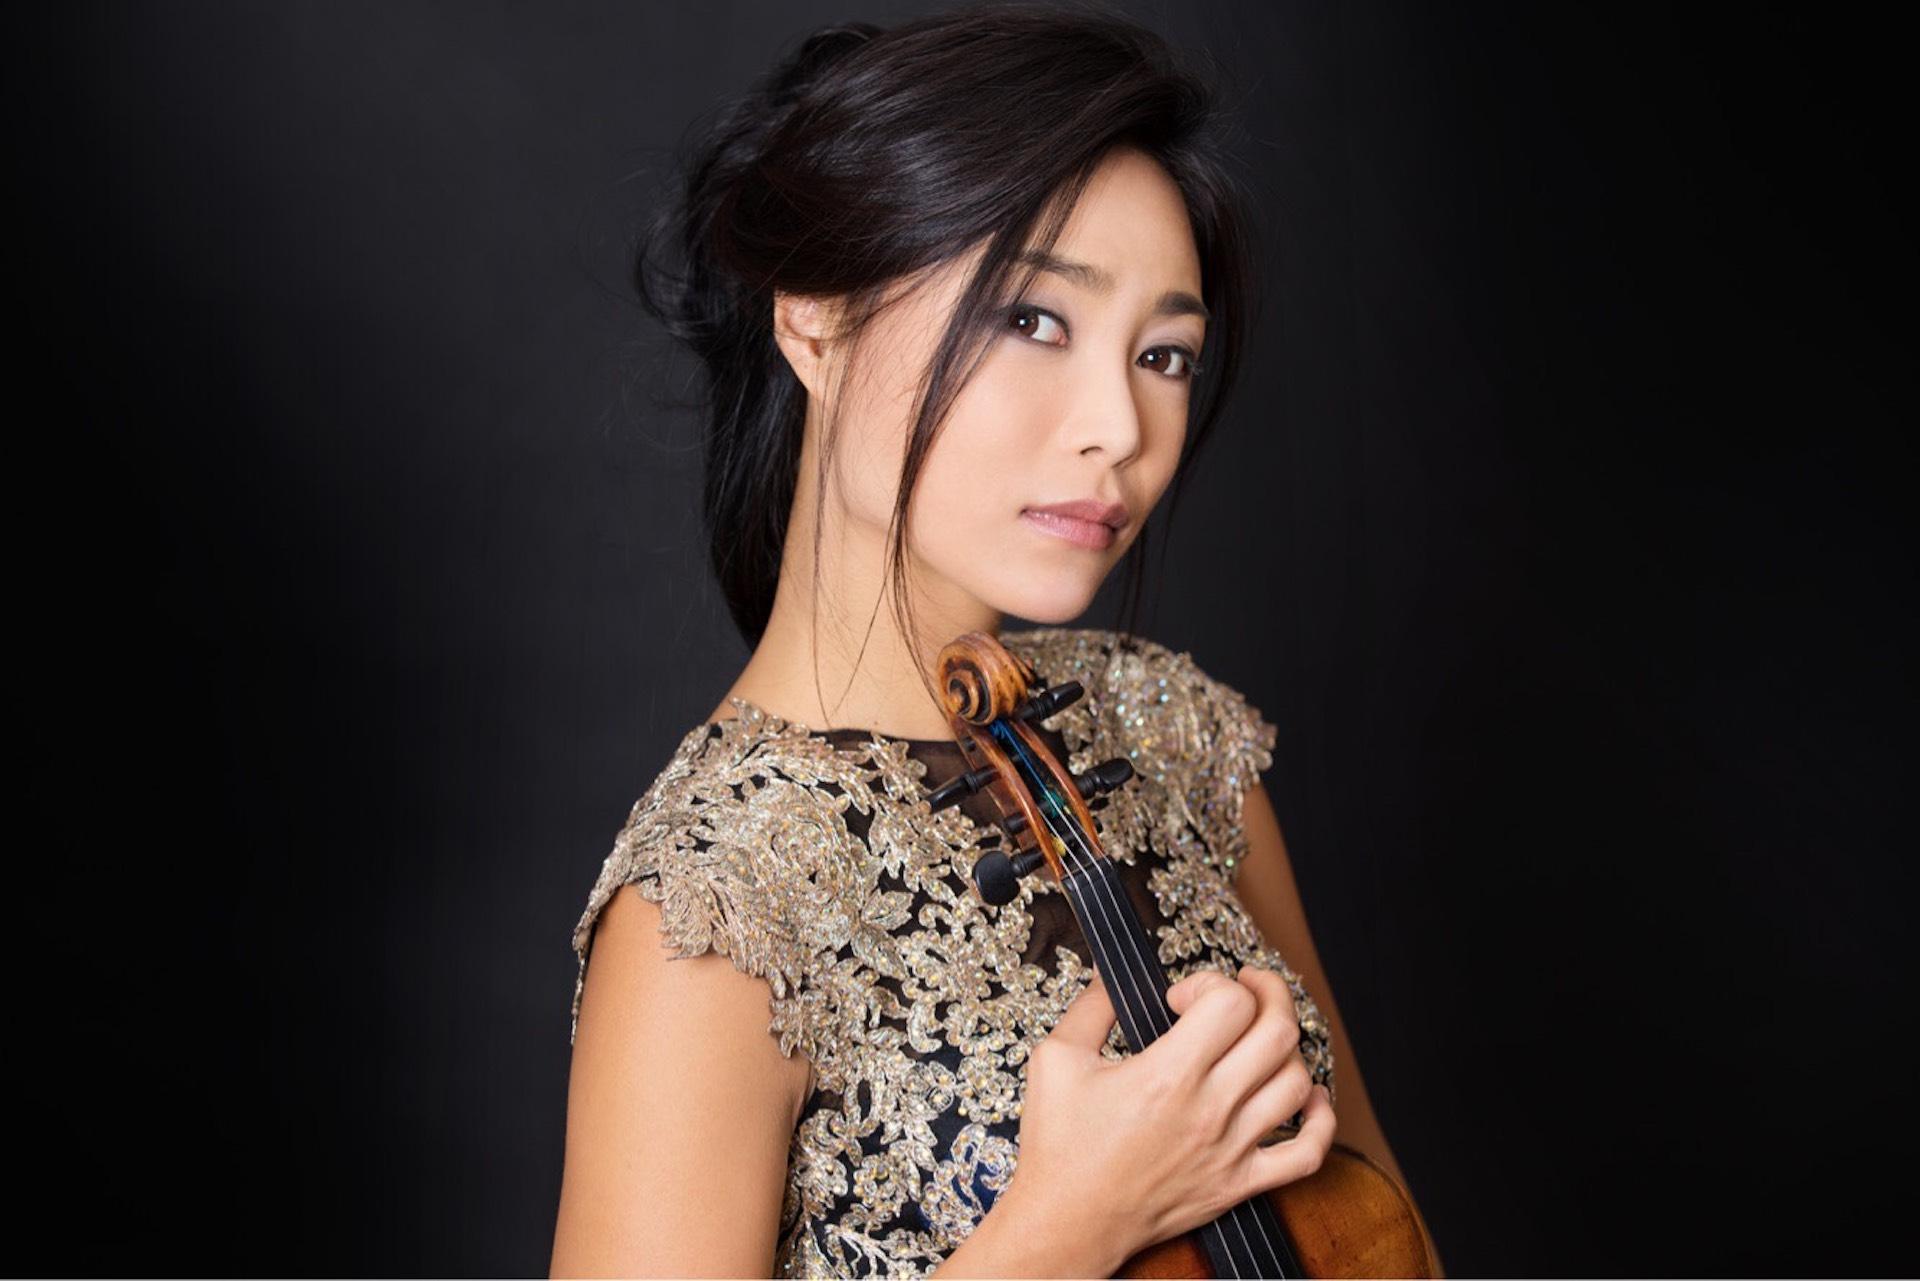 Uma das apresentações contará com a presença da violinista sul coreana Soyoung Yoon. Foto: reproduçã